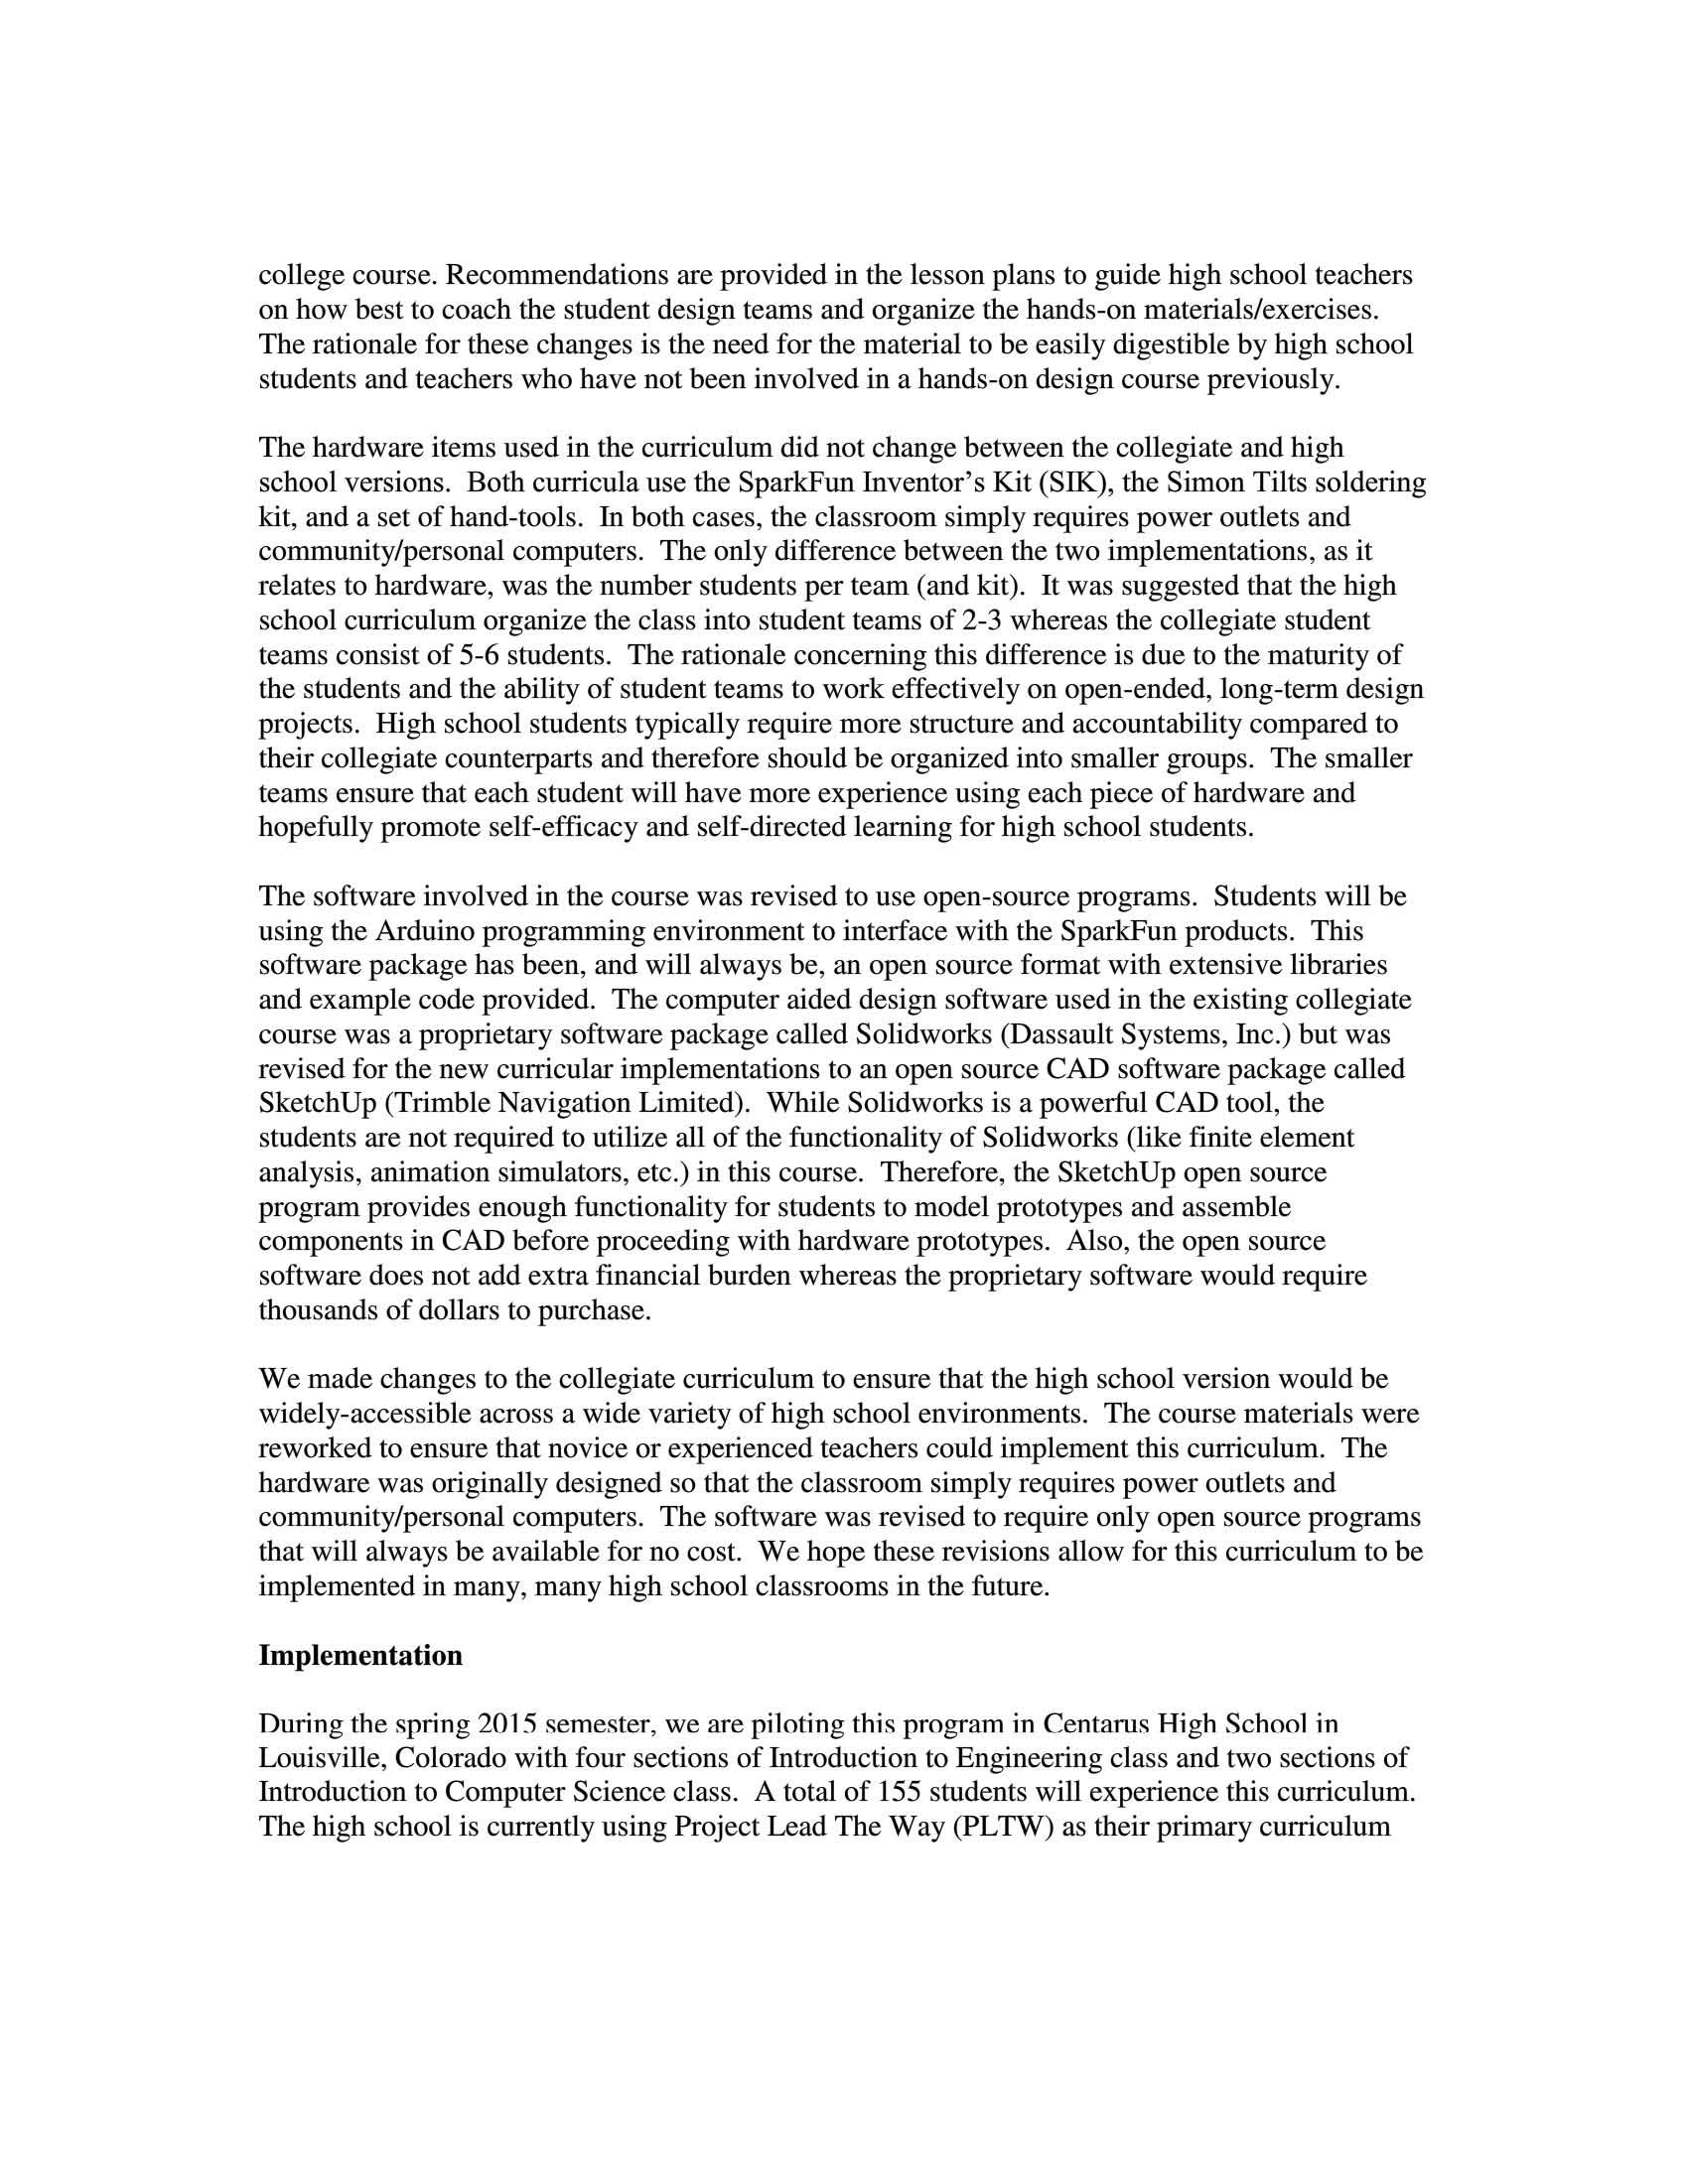 https://cdn.sparkfun.com/assets/home_page_posts/1/9/6/7/Curriculum_Pilot_Page_3.jpg